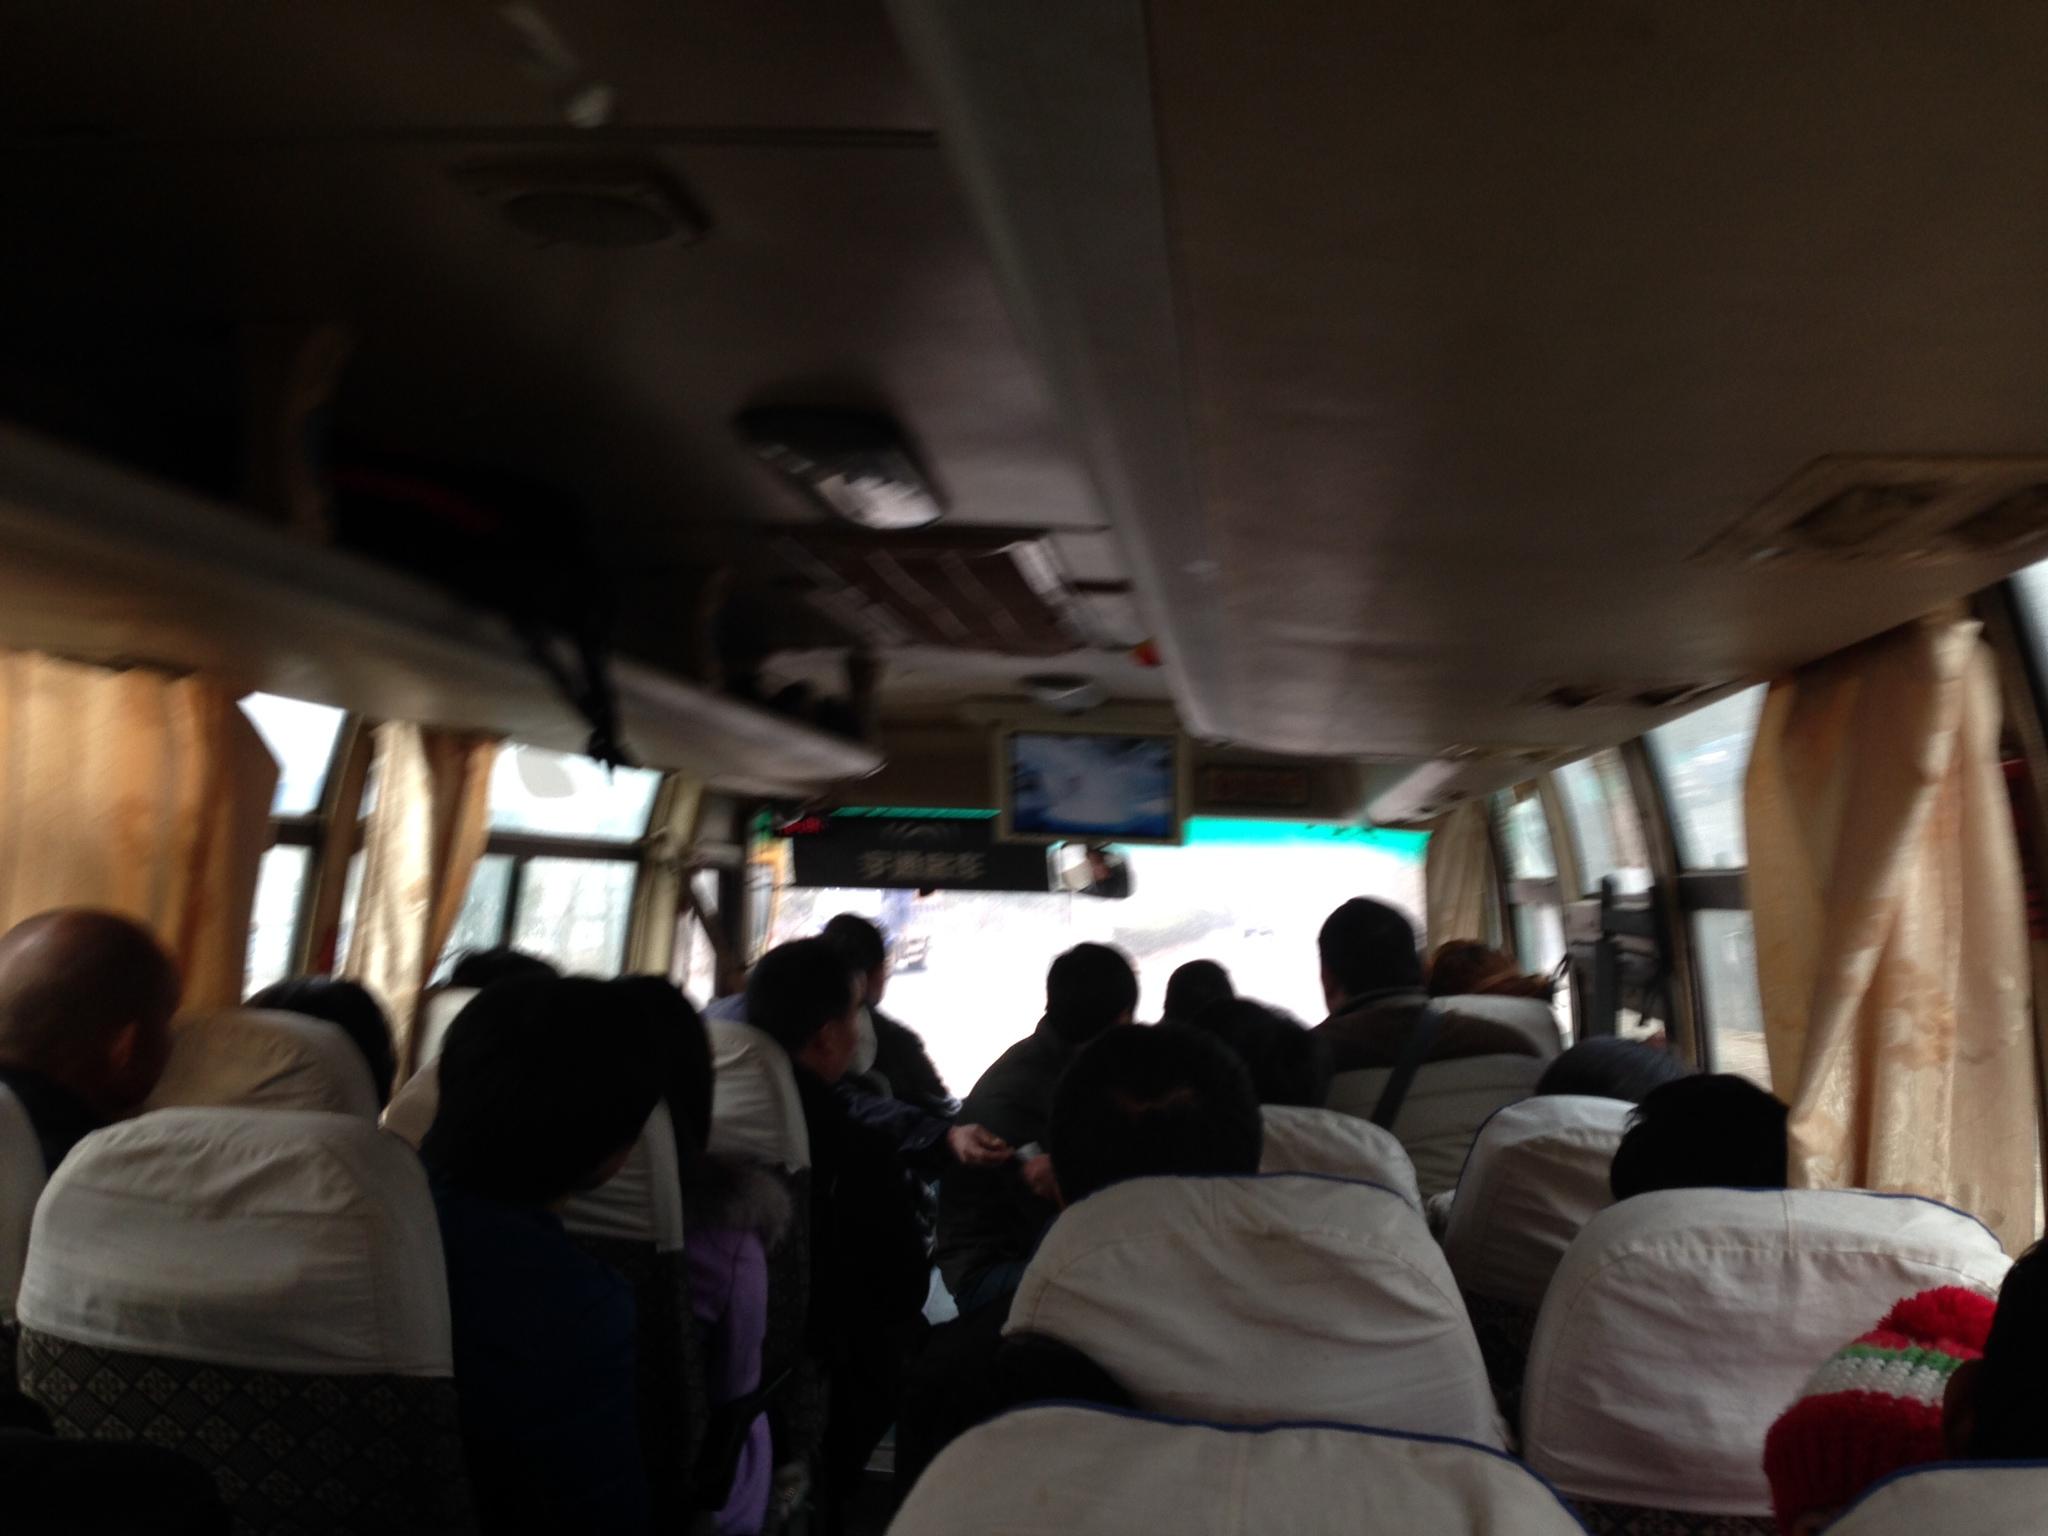 嵩县至洛阳公交车豫c68718乱收费并超员 高清图片